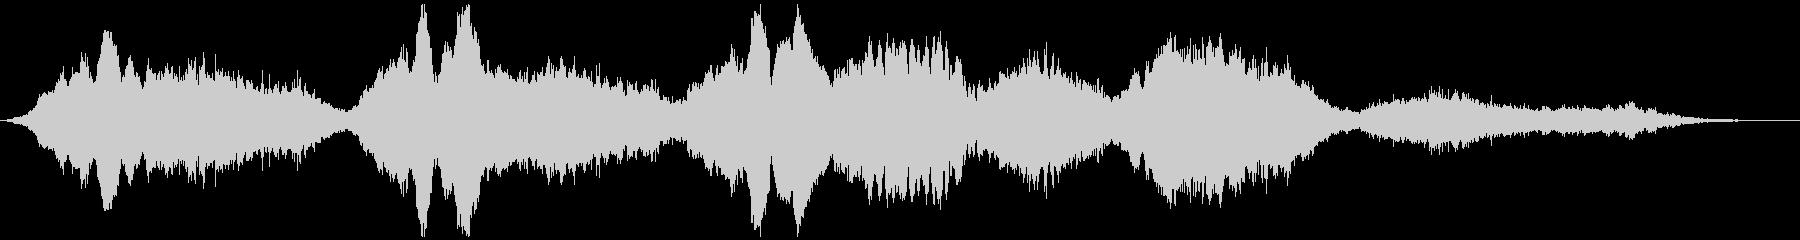 PADS 不気味なメロディー01の未再生の波形